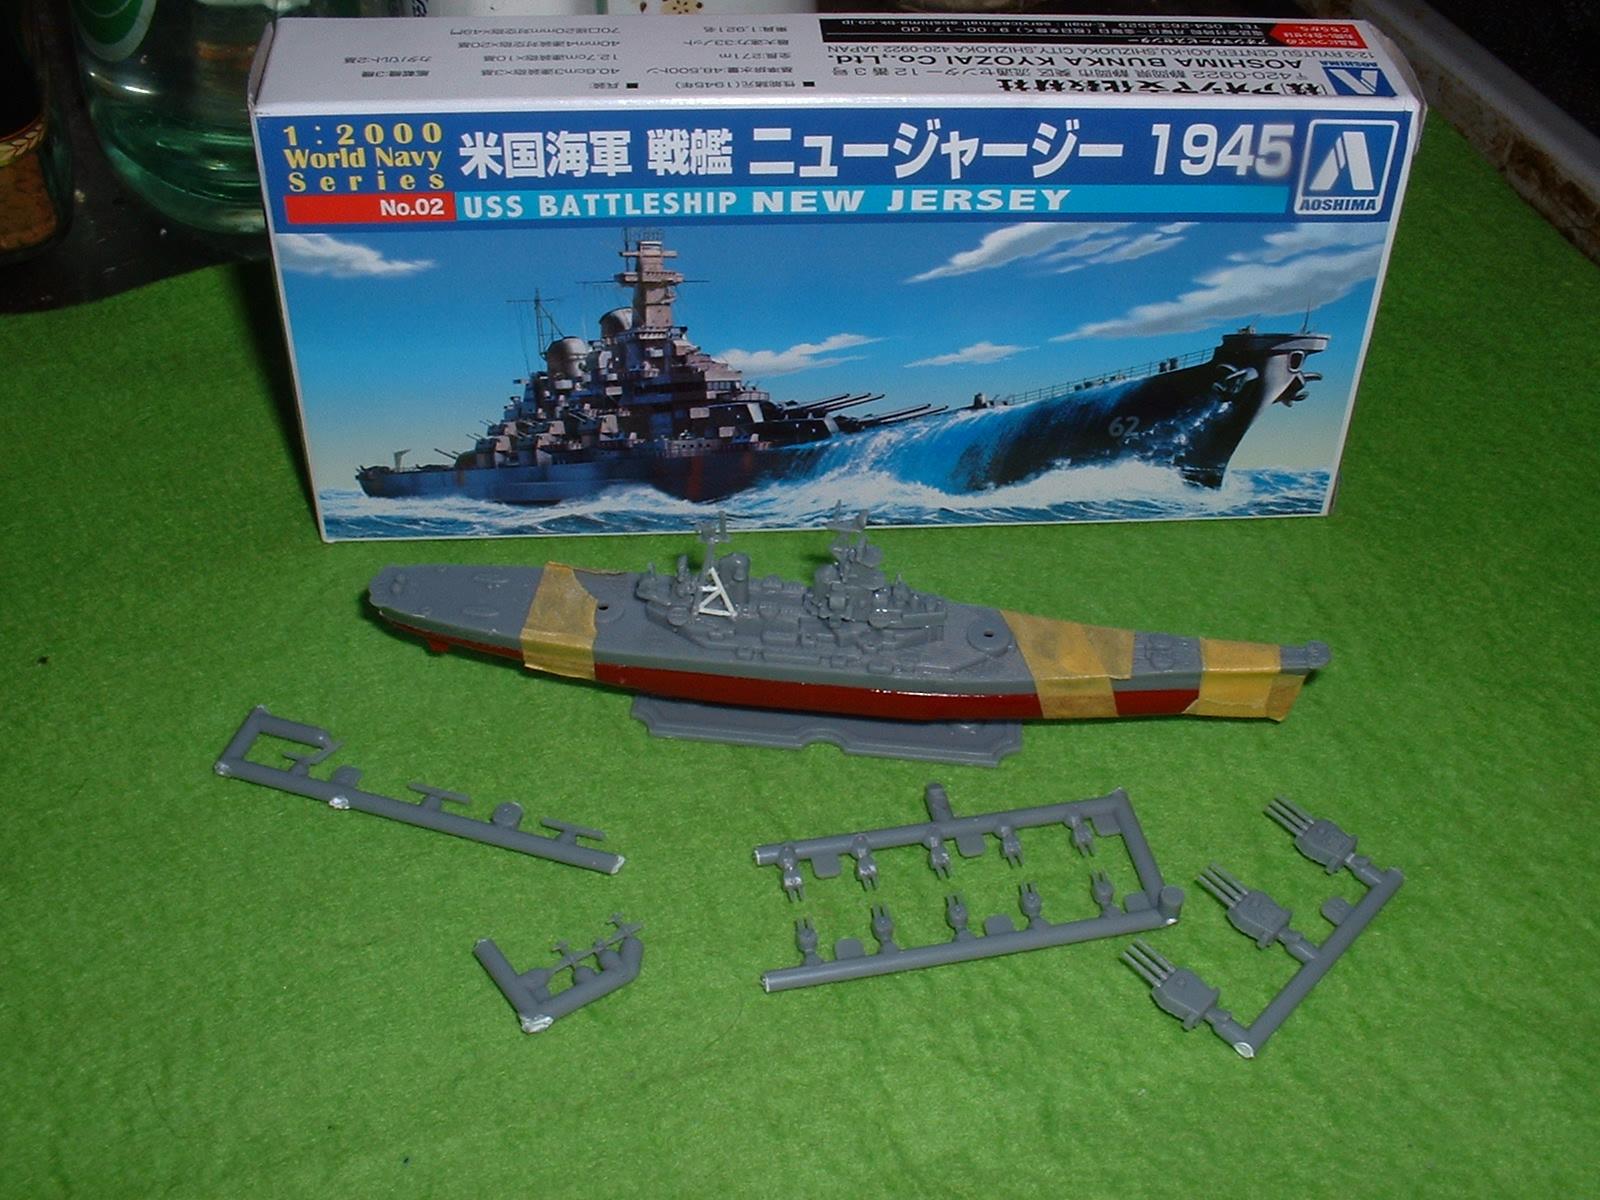 2013年11月10日 模型ネタ 青島 WNS No.2「ニュージャージー 1945」 Doburoku-TAO.JPG